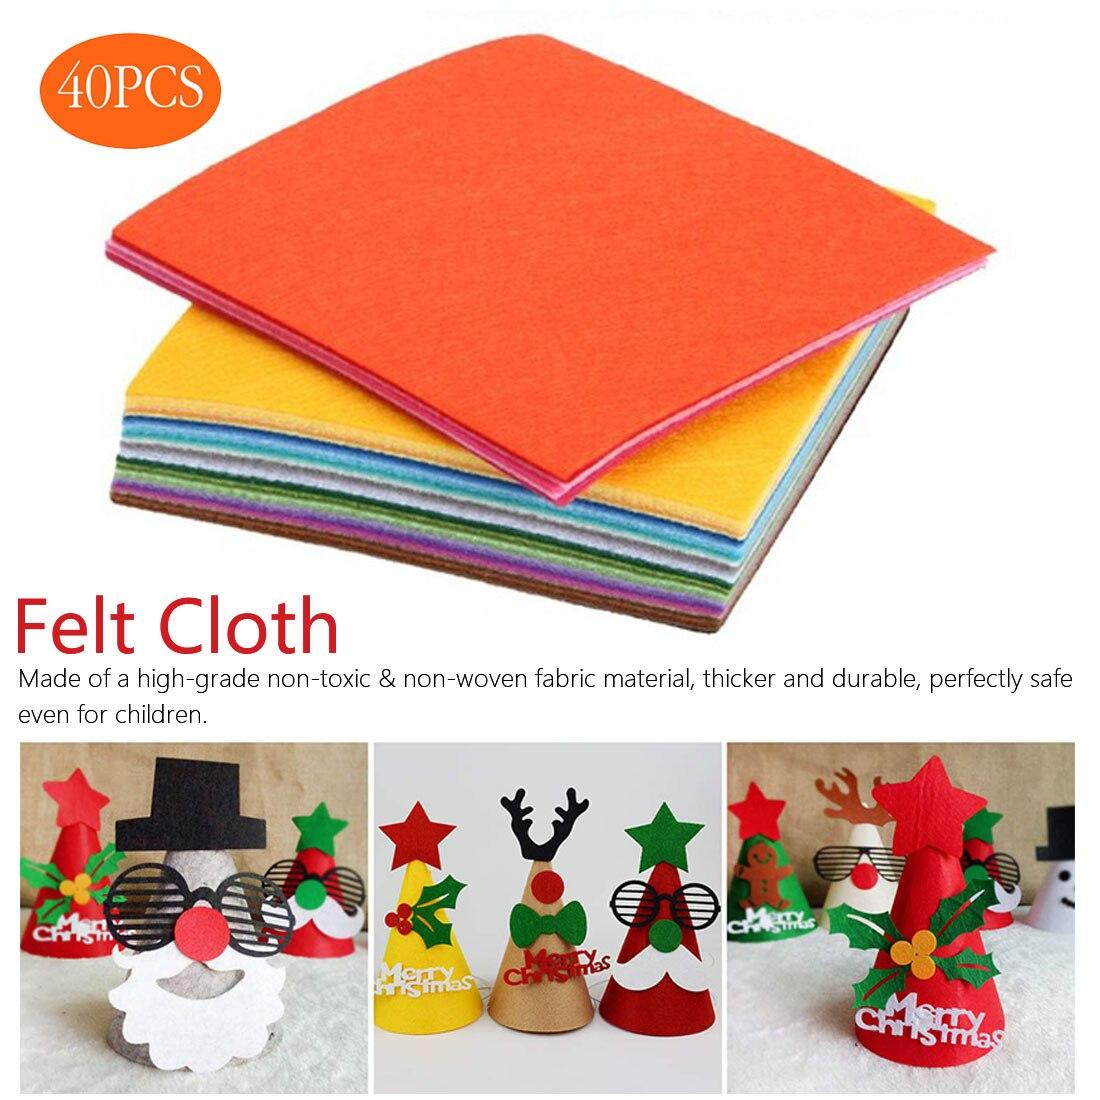 40 Uds. De tela no tejida DIY juguetes de regalo colorido Manual de fieltro tela poliéster mantel cuadrado artesanías de mano 30x30 cm/20x30 cm